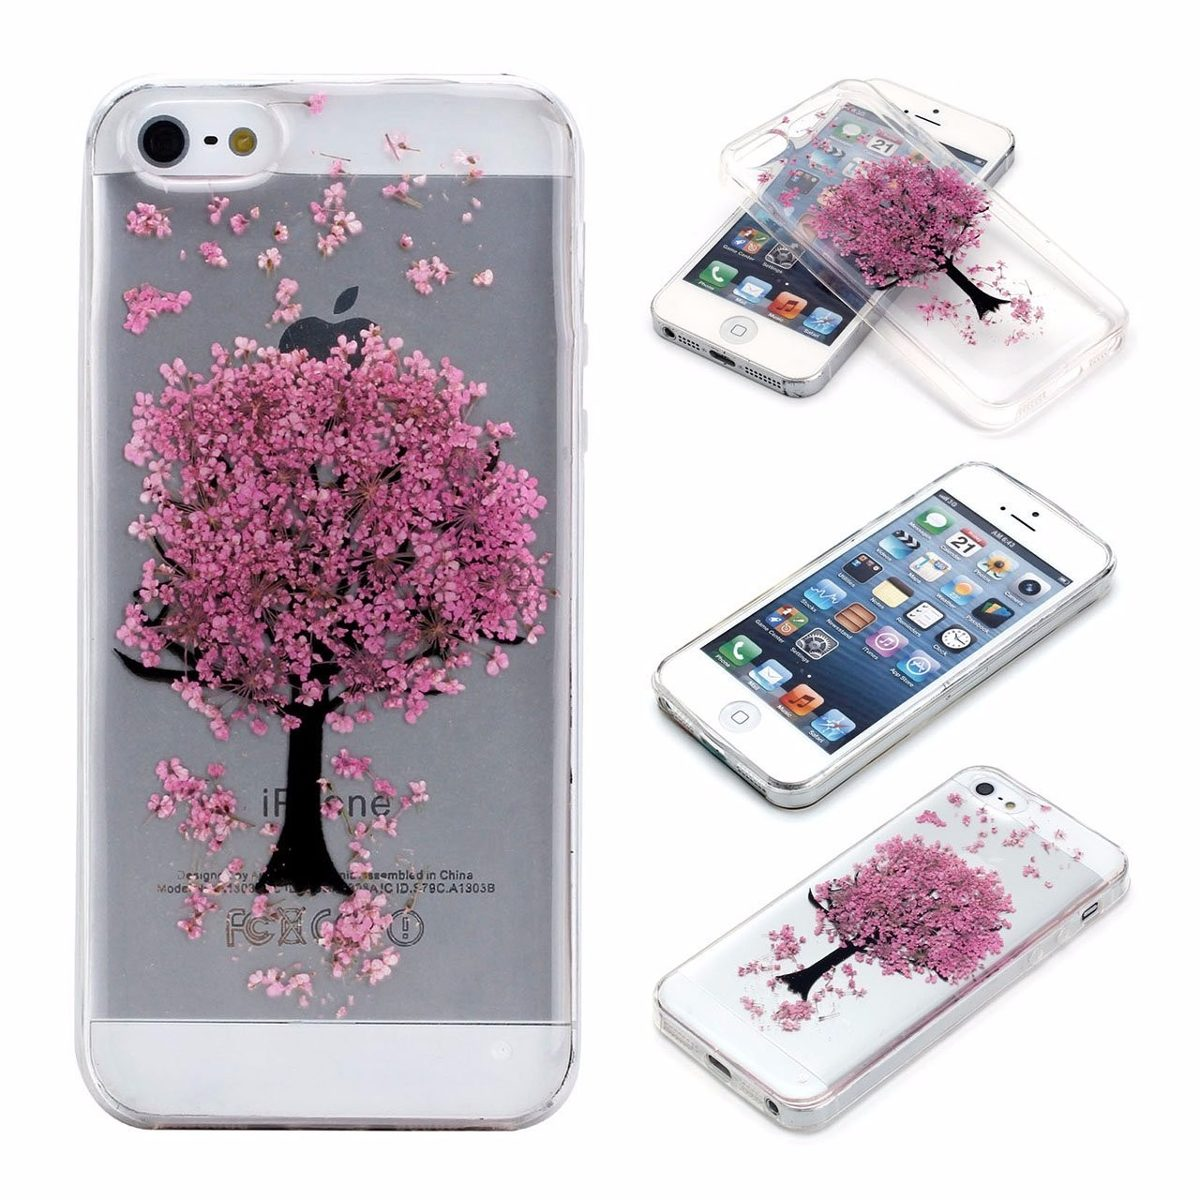 Funda para celular iphone 5 5s yoption arbol rosa 644 for Protectores 3d para celular